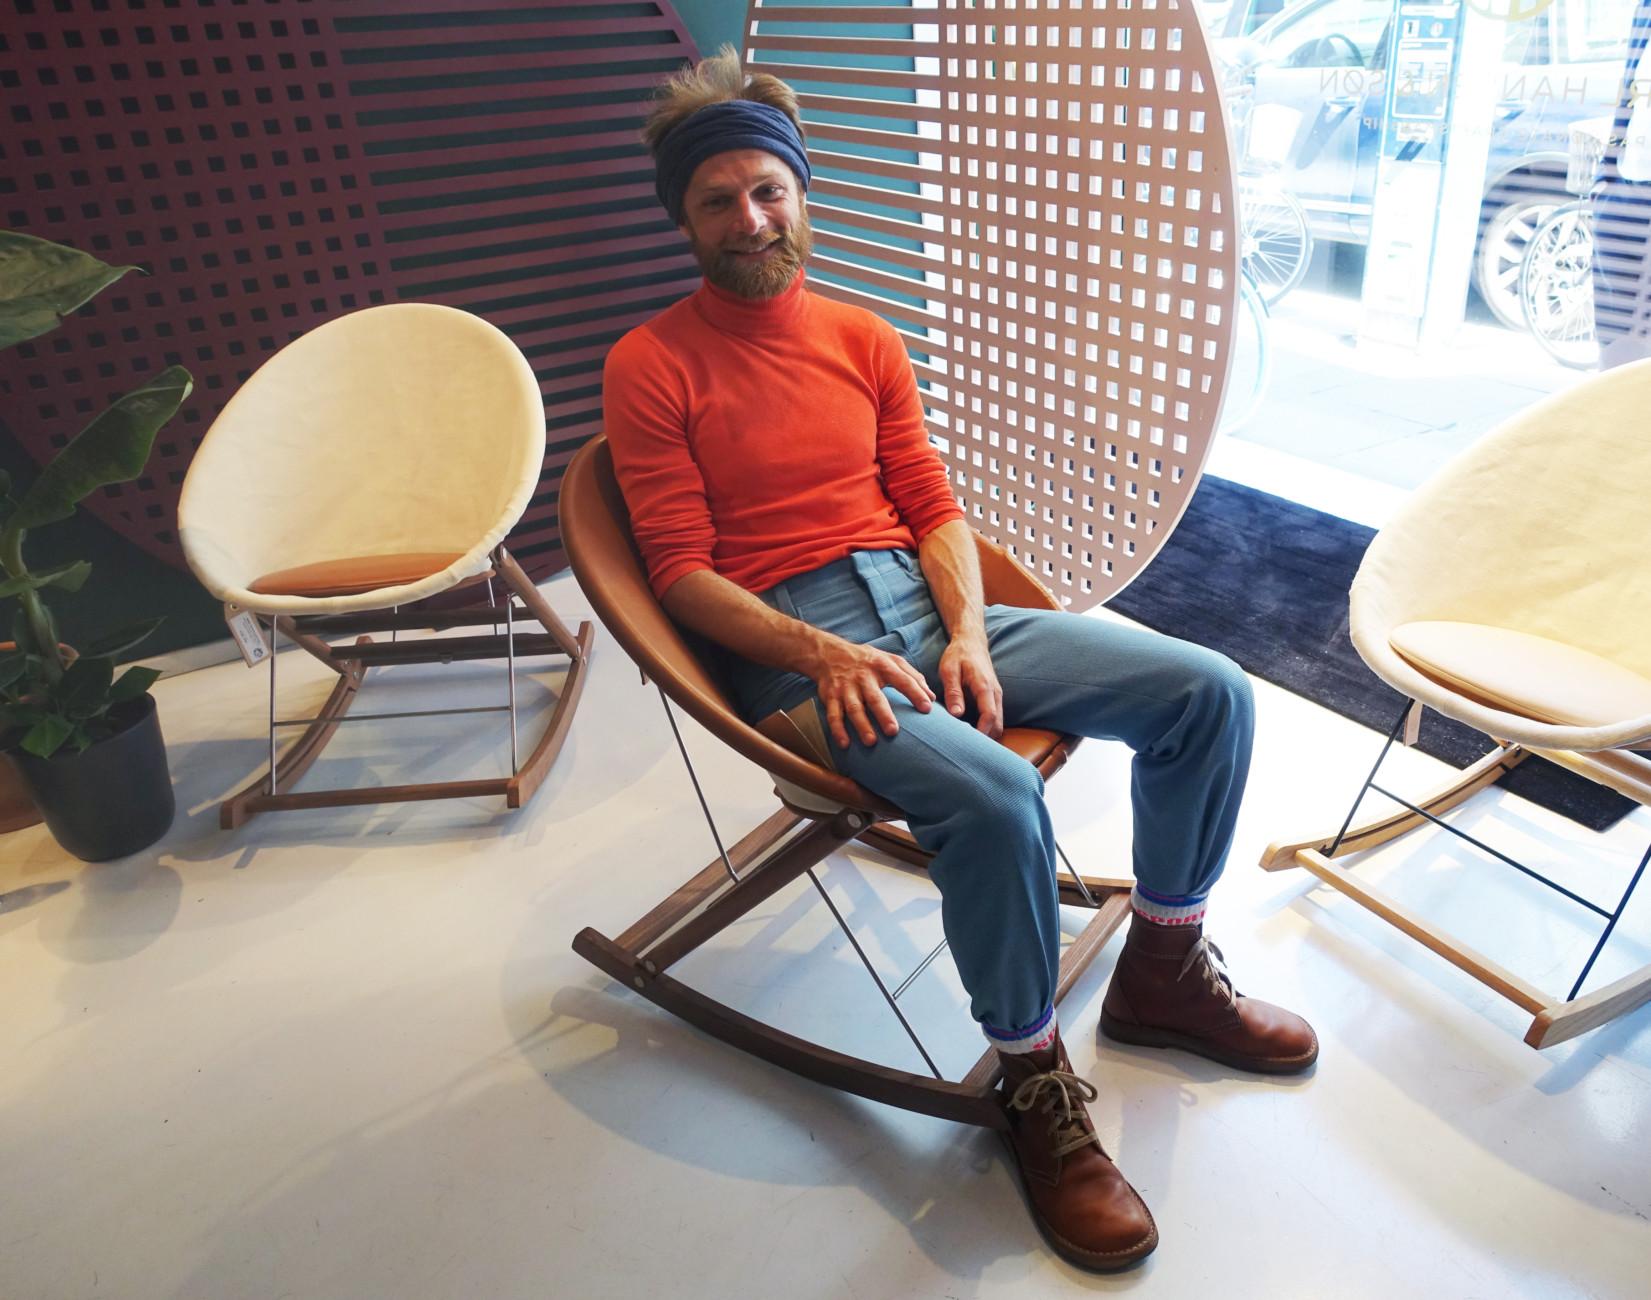 """In cooperation with Carl Hansen & Søn, Copenhagen-based designer Anker Bak has developed the folding rocking chair """"Resting Nest Chair""""."""